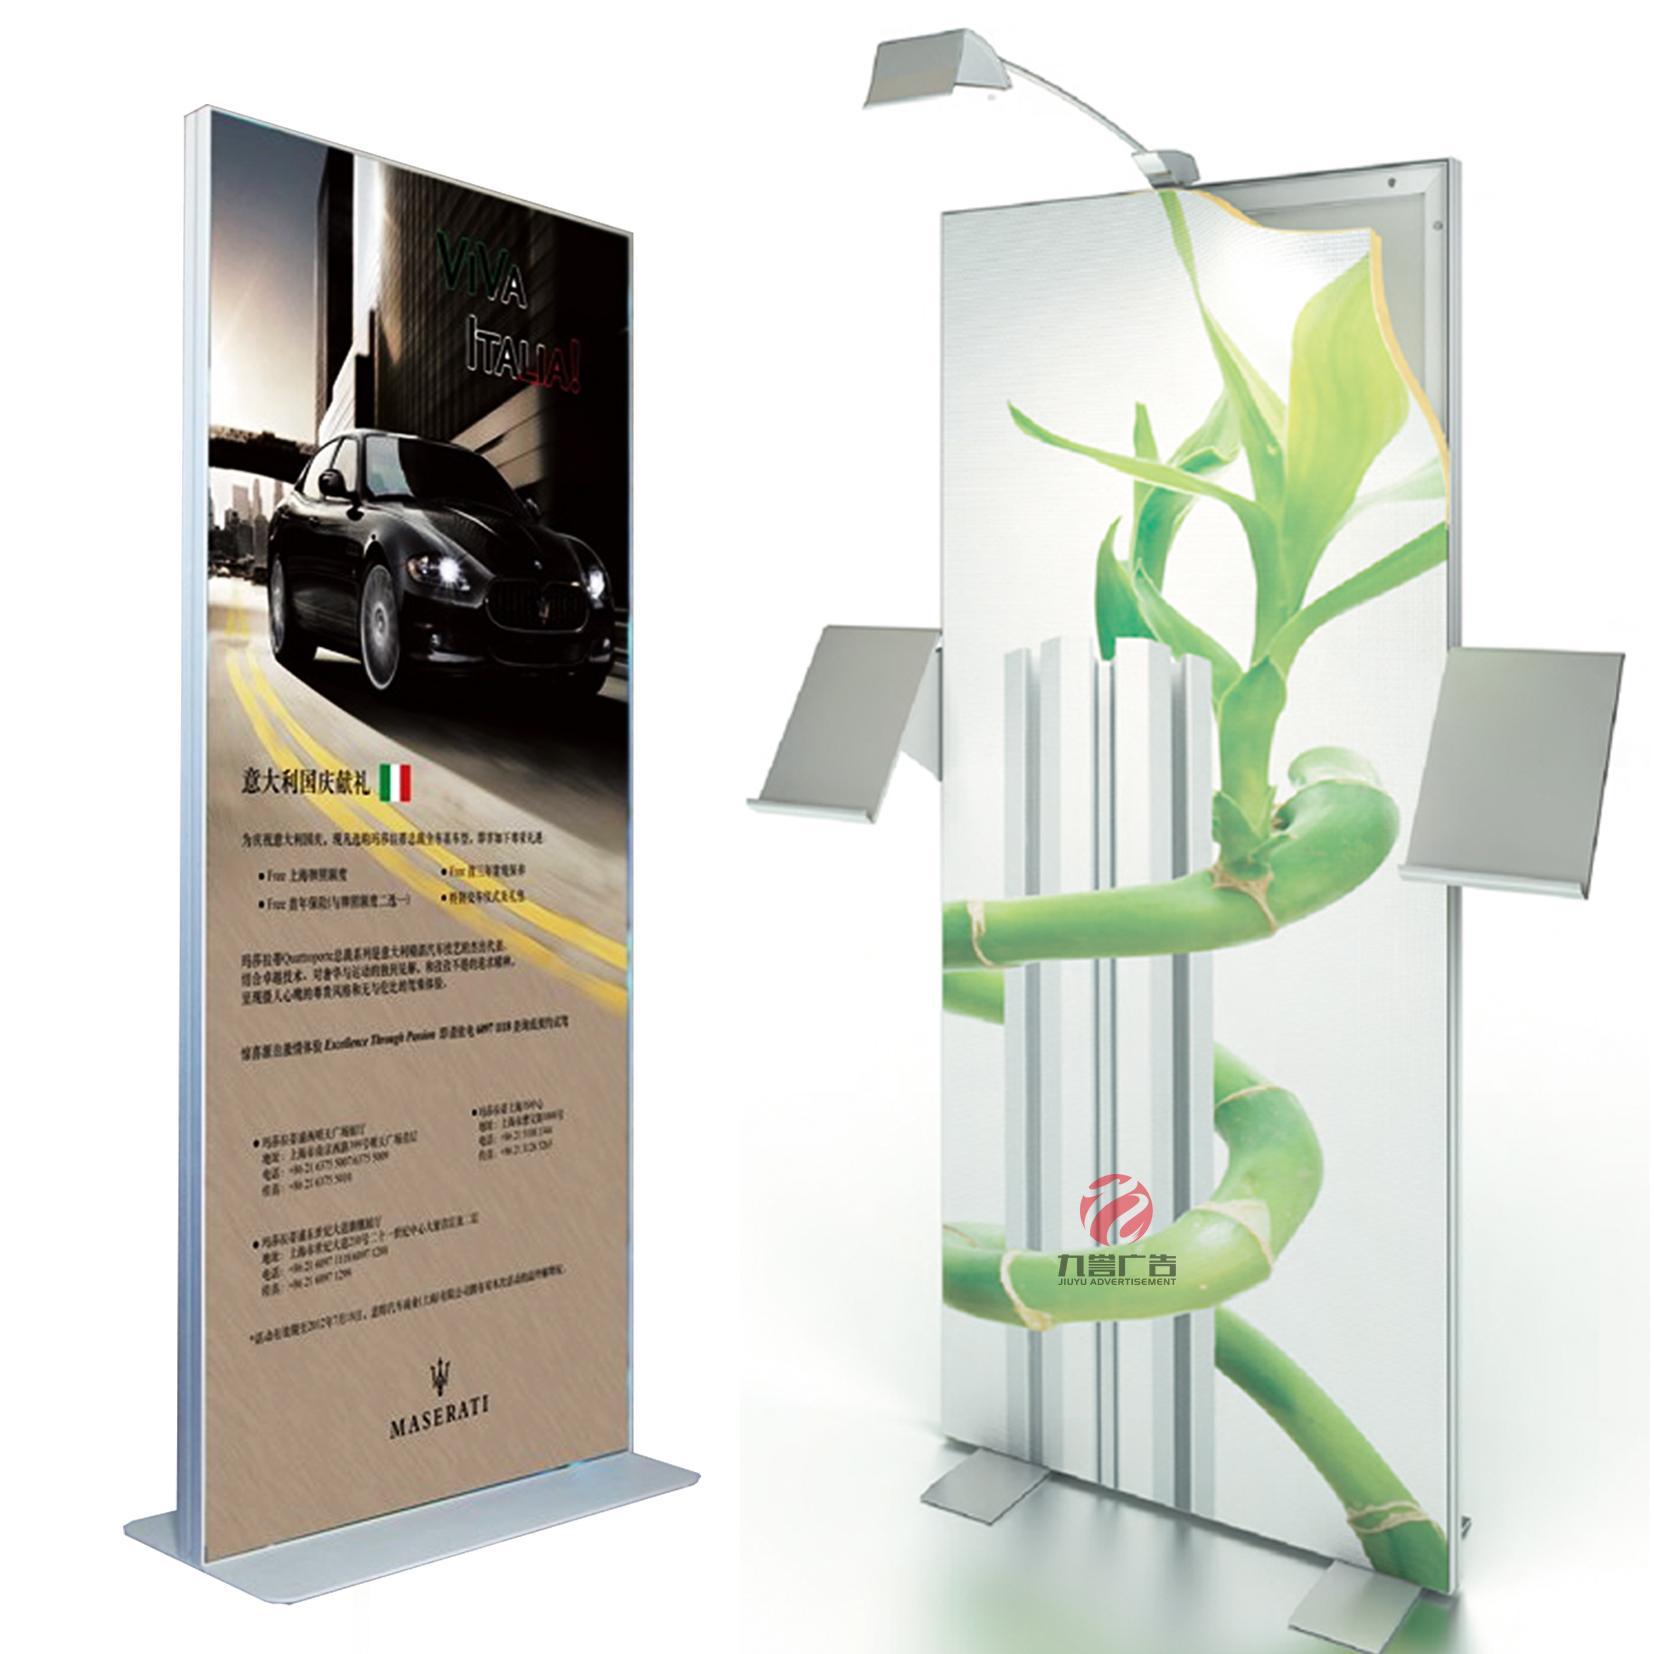 Корея экран протяжение рамка форма так стена фон доска специальный наряд выставка доска профили лайтбокс стоять карты T форма карты